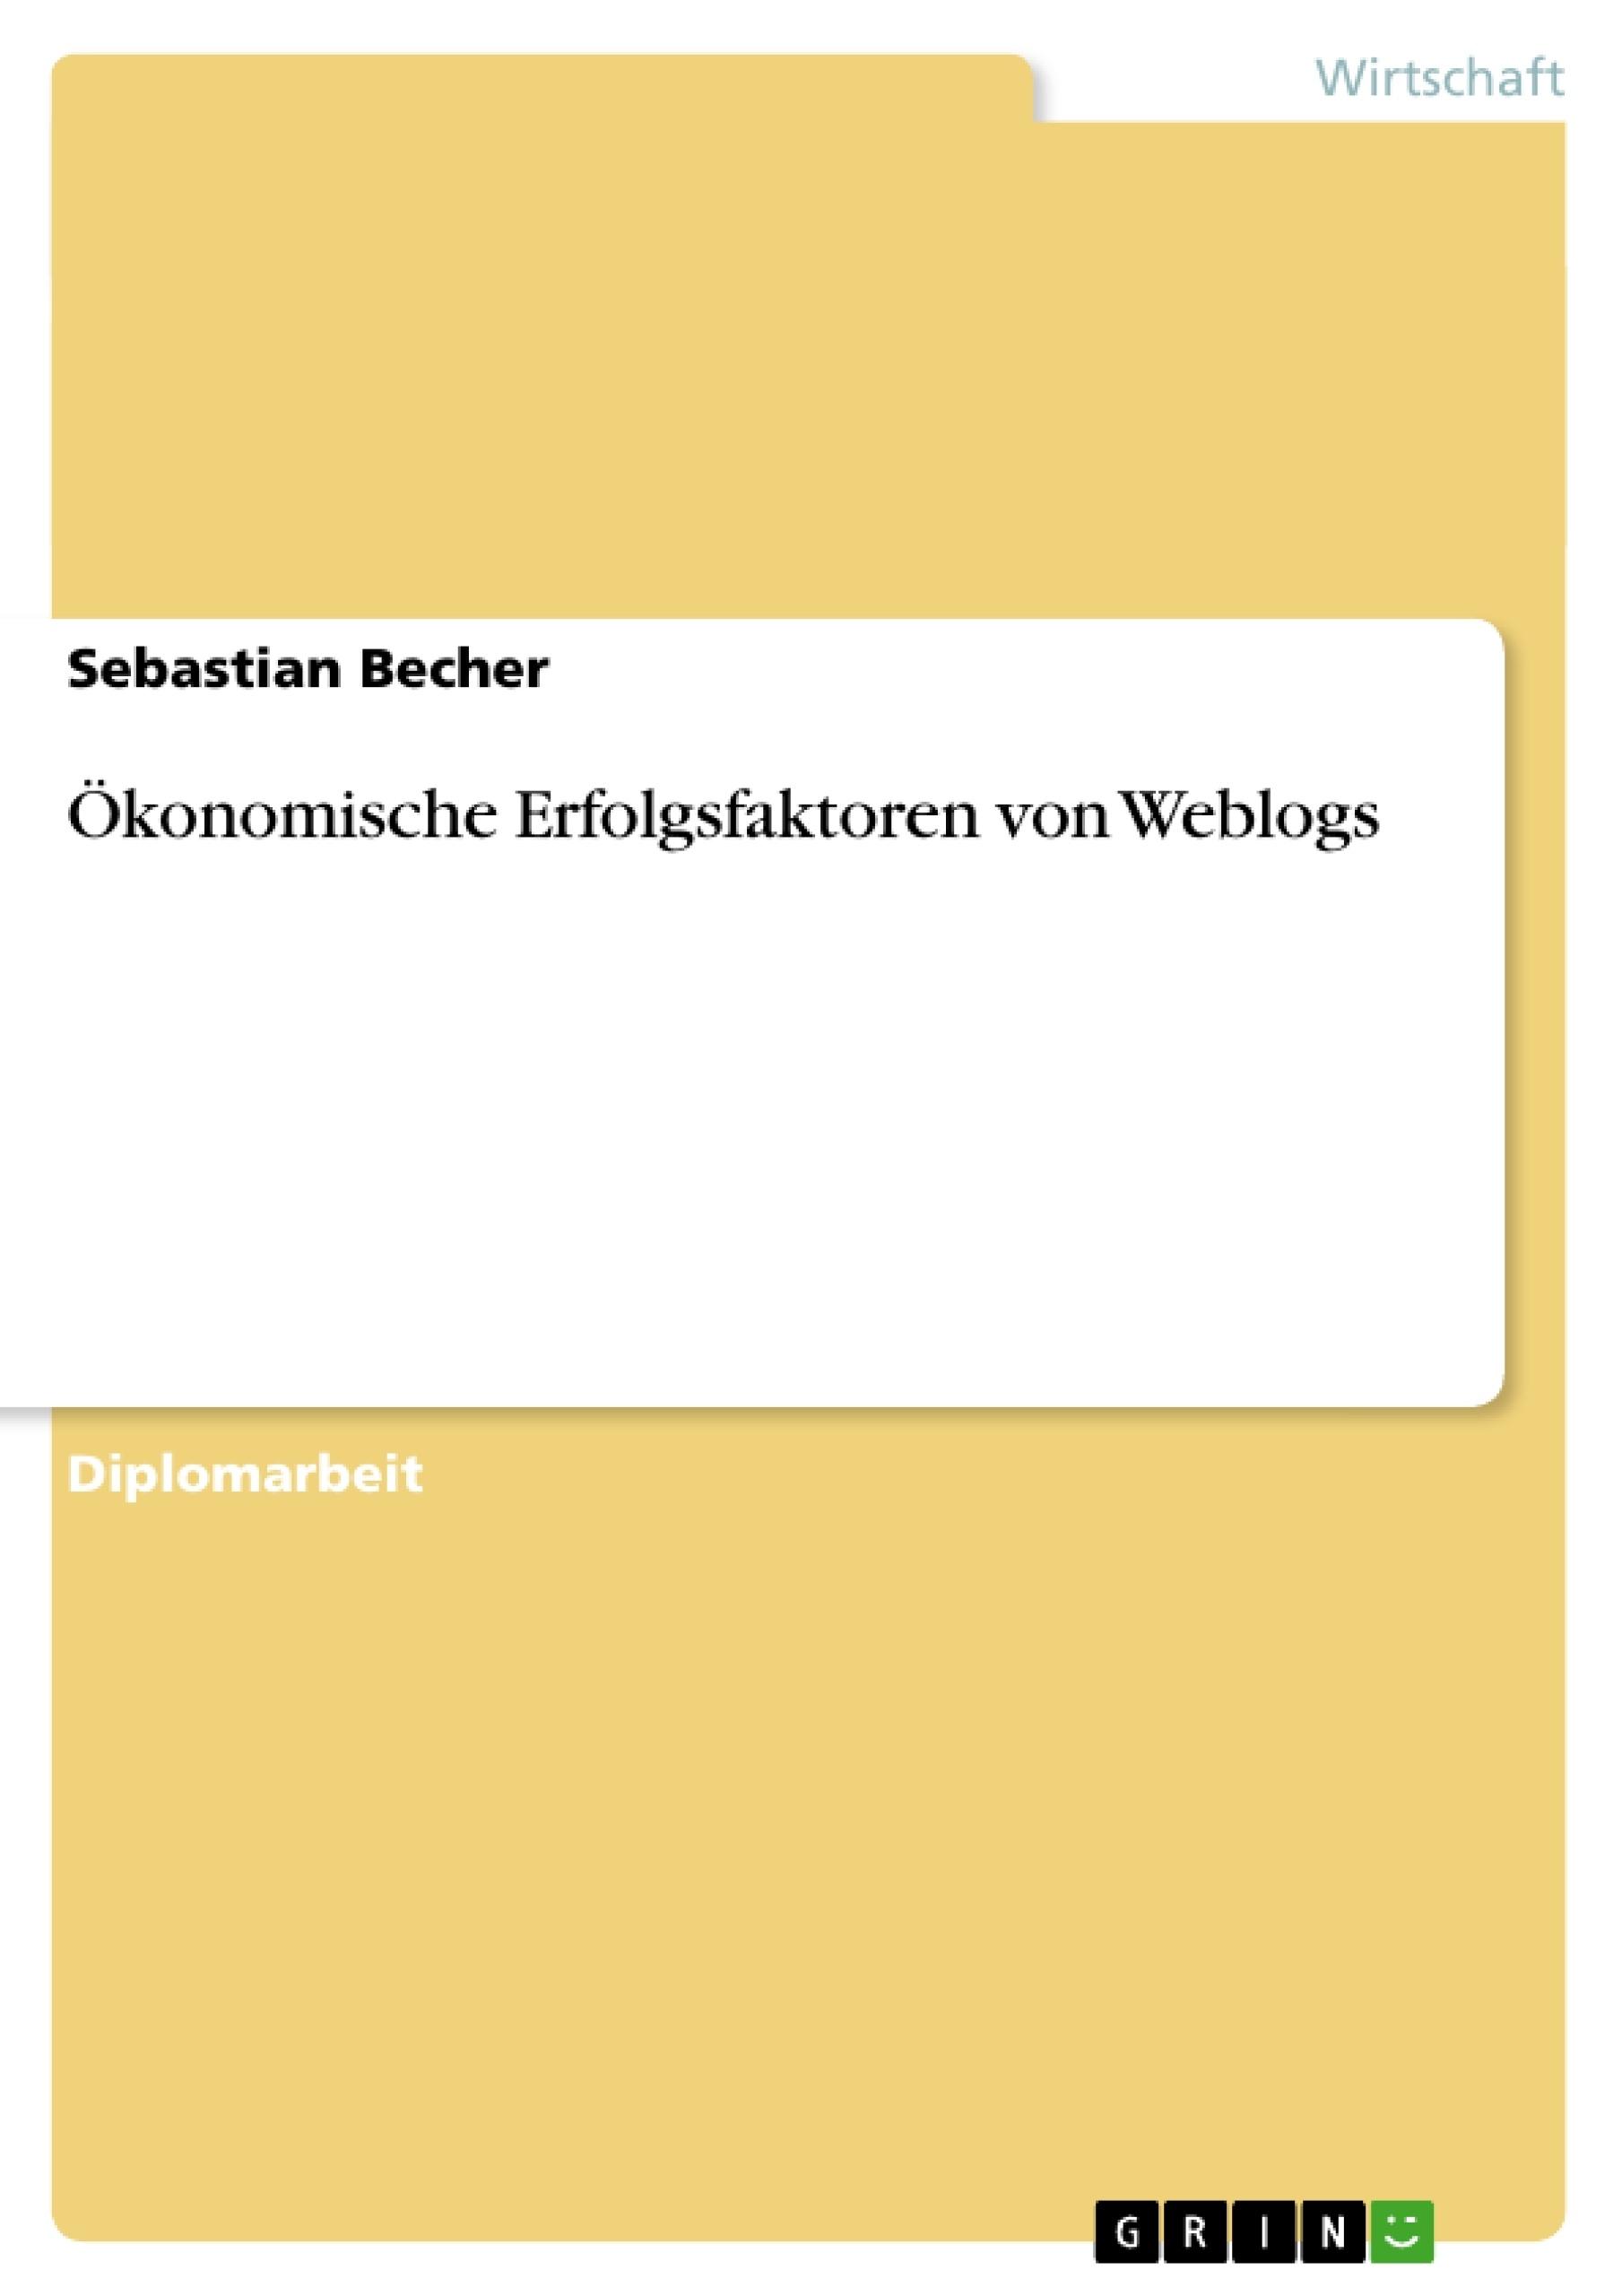 Titel: Ökonomische Erfolgsfaktoren von Weblogs